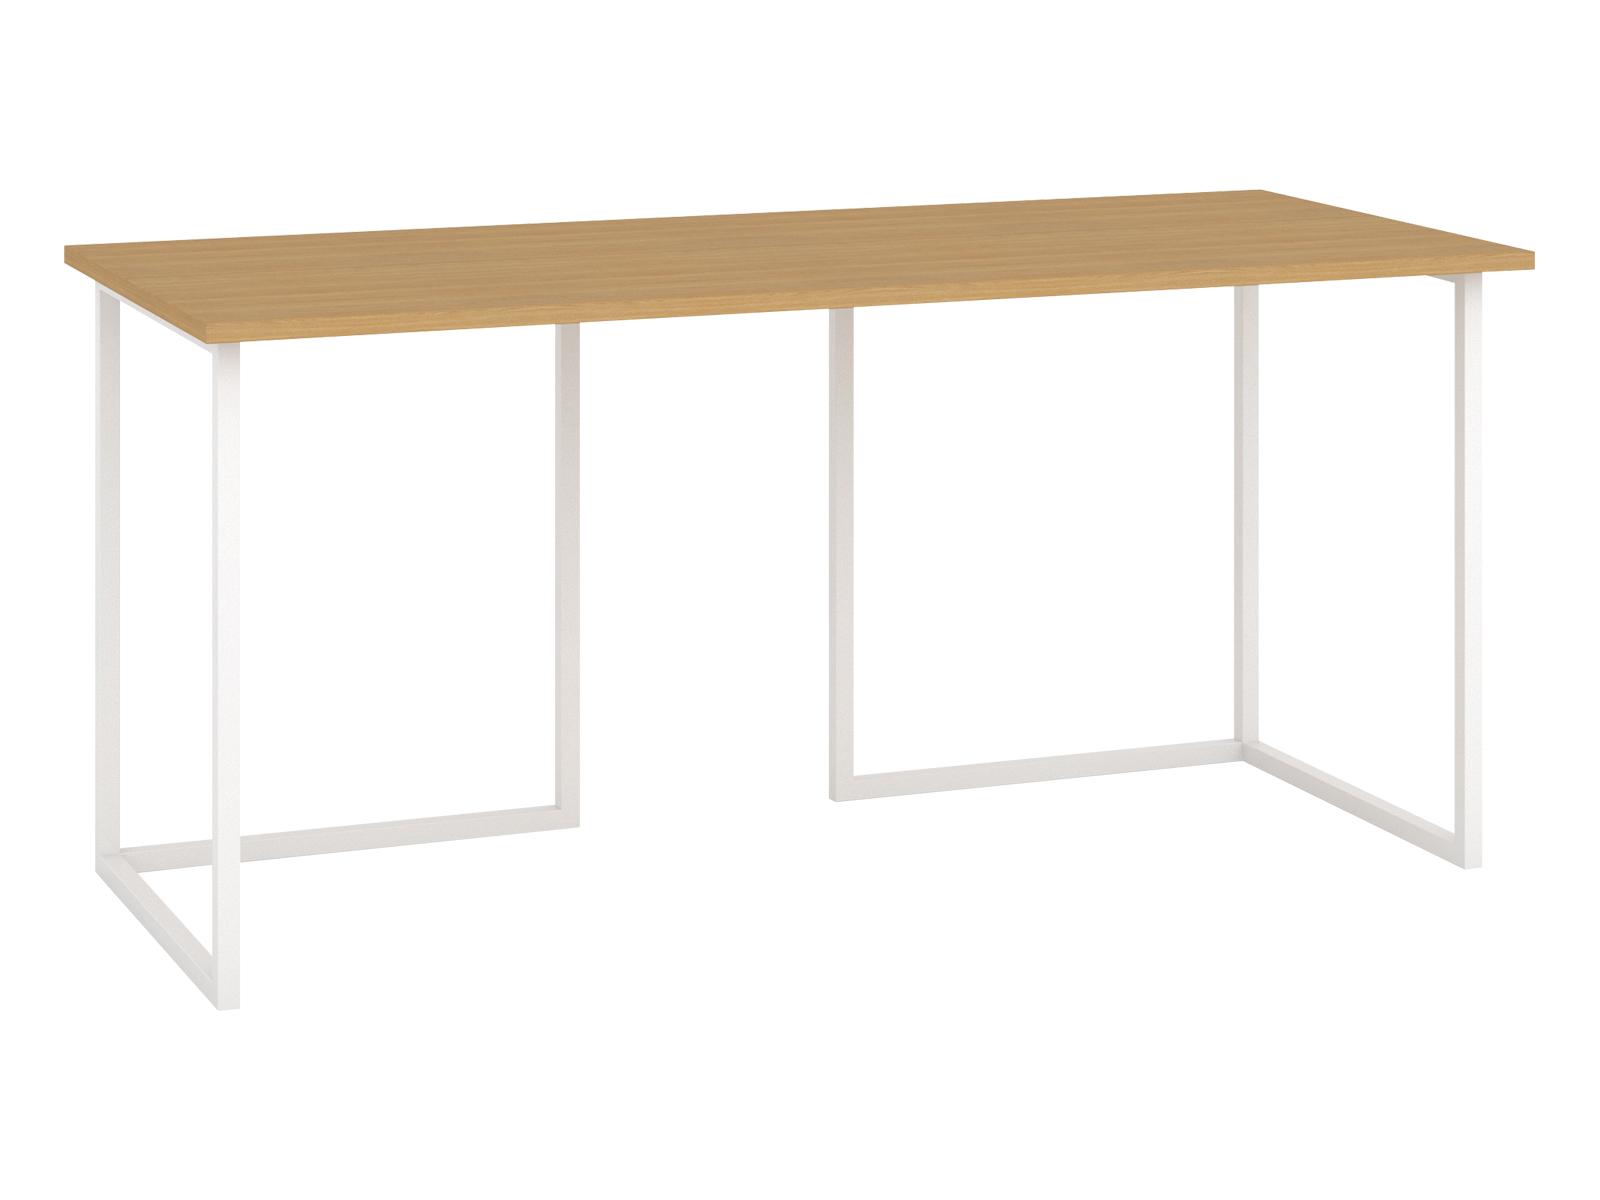 Стол BoardПисьменные столы<br>&amp;lt;div&amp;gt;&amp;lt;div&amp;gt;Большой выбор столешниц и цветов оснований позволяет создавать комбинации, точно отвечающие вашим потребностям.&amp;lt;/div&amp;gt;&amp;lt;div&amp;gt;&amp;lt;br&amp;gt;&amp;lt;/div&amp;gt;&amp;lt;div&amp;gt;Материалы:&amp;lt;/div&amp;gt;&amp;lt;div&amp;gt;Основание: металл окрашенный.&amp;lt;/div&amp;gt;&amp;lt;div&amp;gt;Полки: ЛДСП 22мм.&amp;lt;/div&amp;gt;&amp;lt;/div&amp;gt;<br><br>Material: ДСП<br>Ширина см: 160<br>Высота см: 74<br>Глубина см: 70